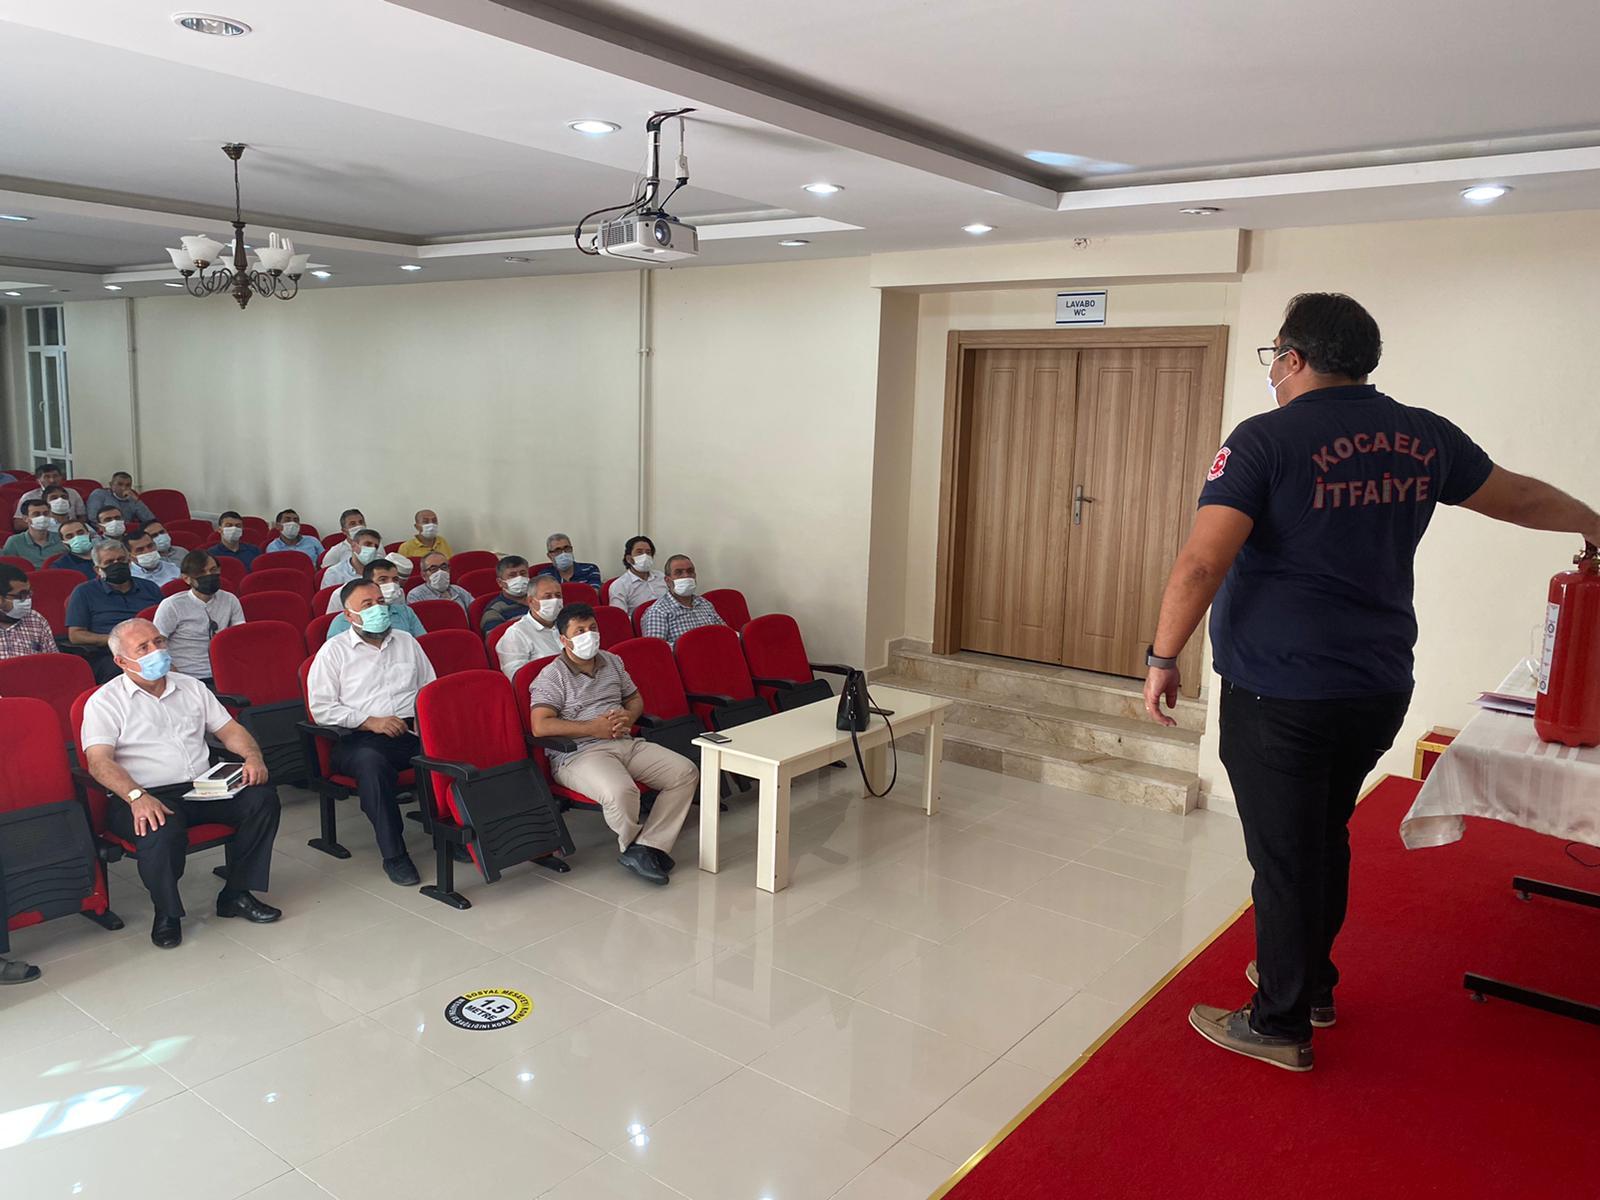 Kocaeli İtfaiyesi'nden Din Görevlilerine Yangın Eğitimi